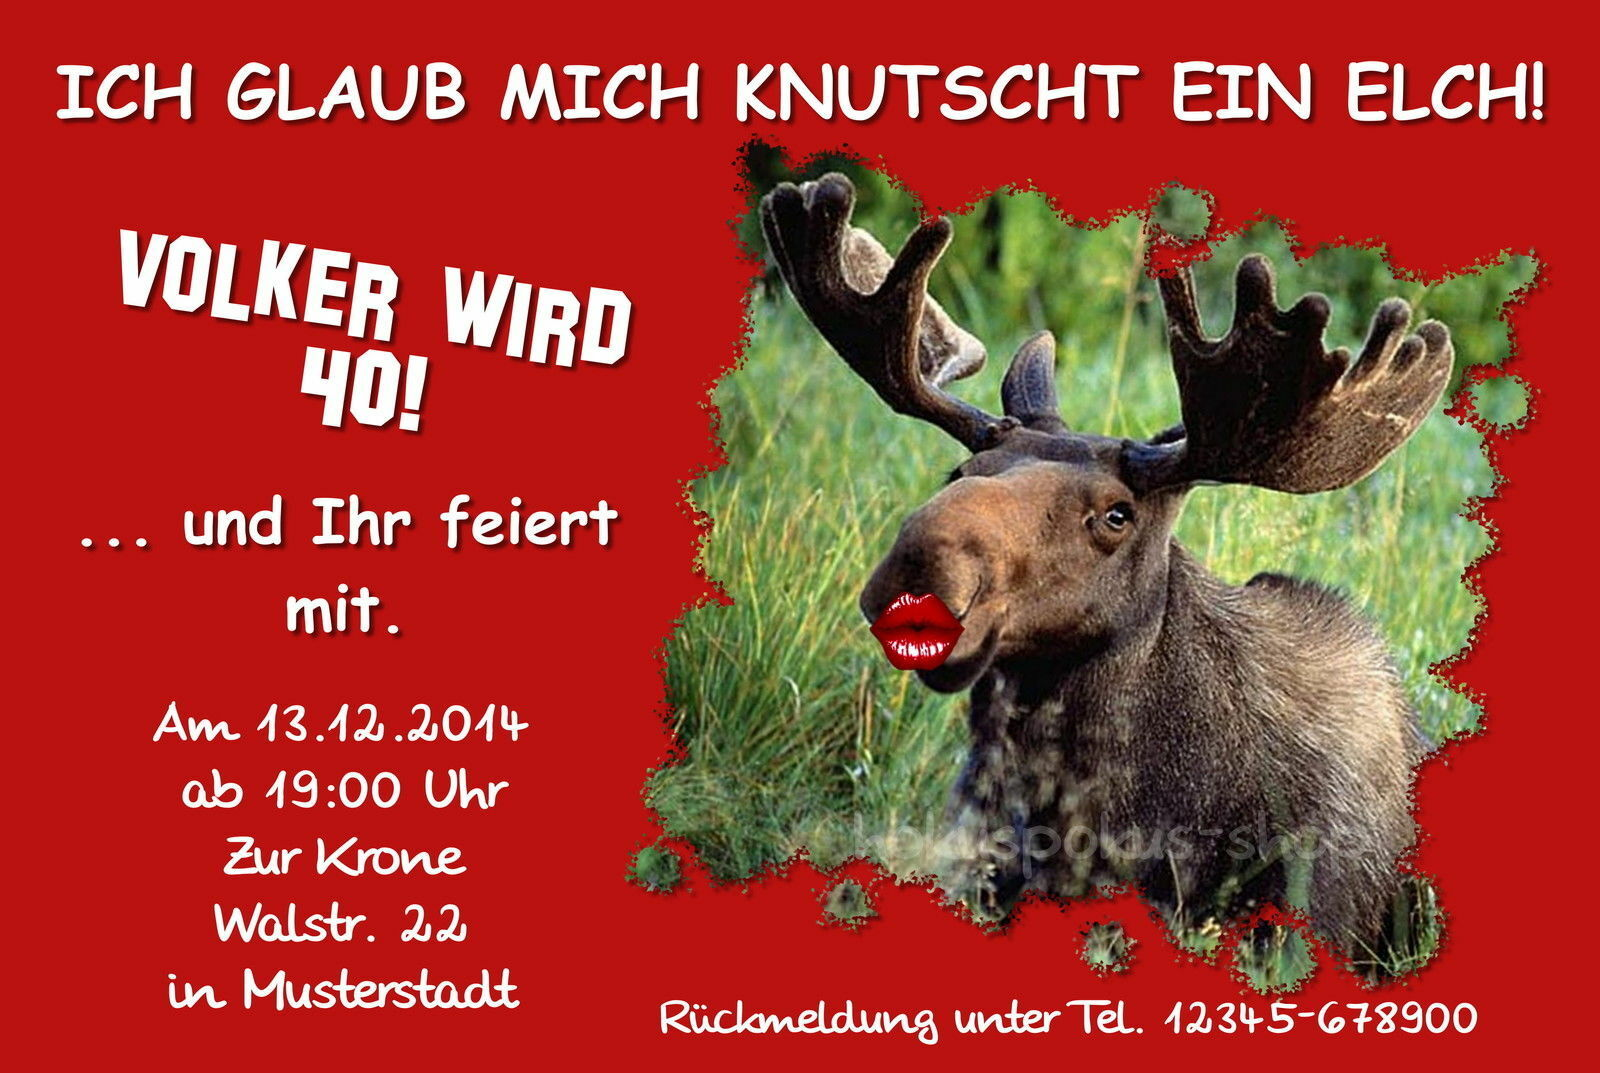 50 lustige Einladungskarten Geburtstag Einladungen jedes jedes jedes Alter möglich 18 30 40   | Ideales Geschenk für alle Gelegenheiten  | München Online Shop  dc389a